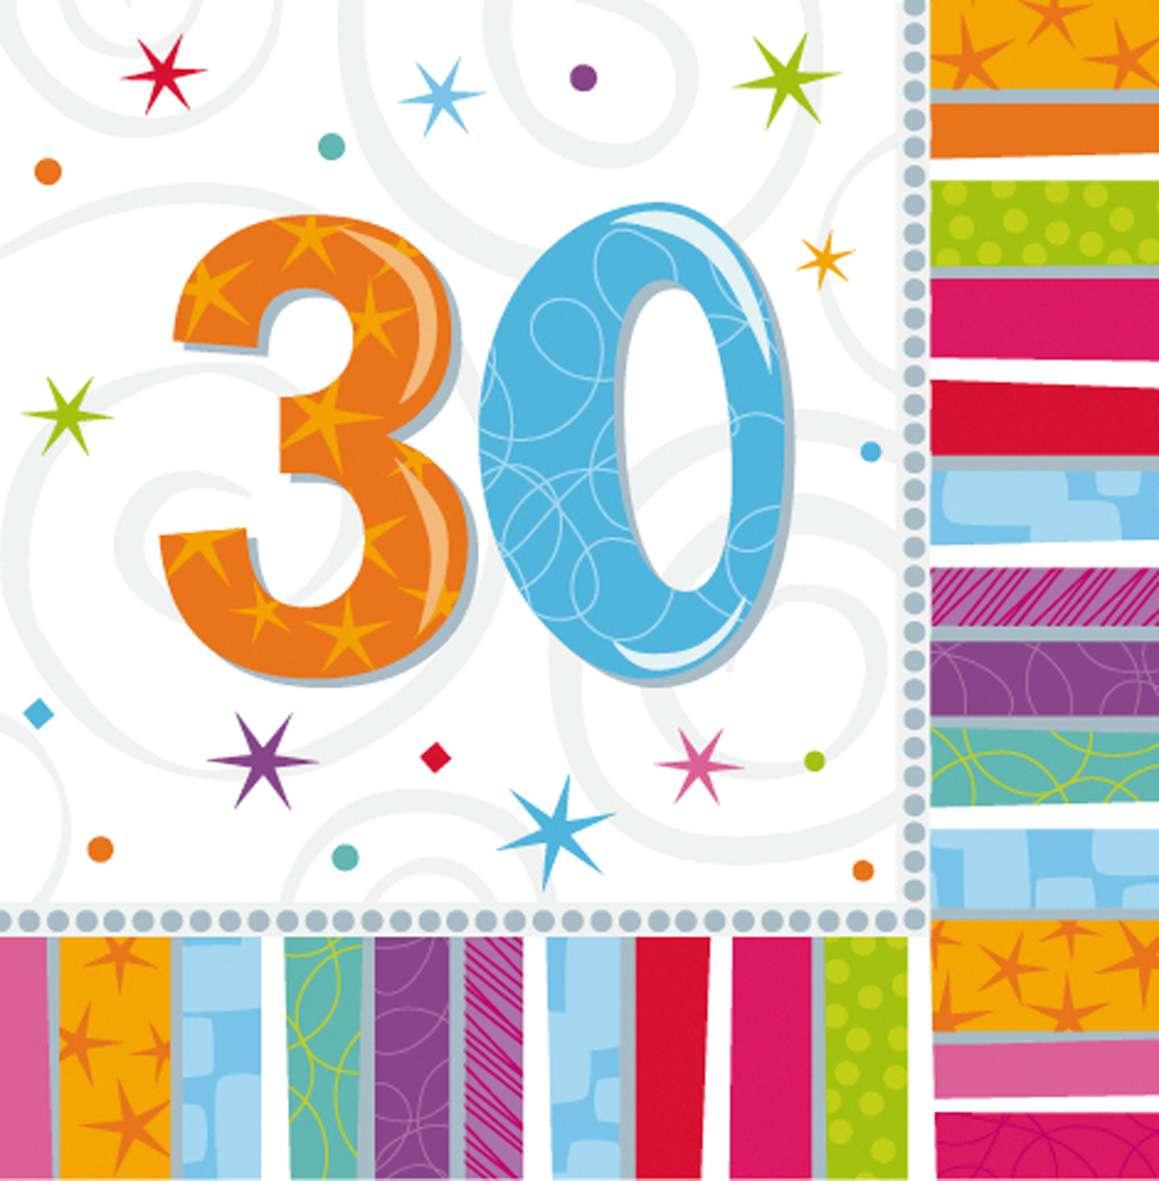 bunte regenbogen serviette zum 30geburtstag 16 stueck 1xykpToq7dN7Ub 600x600 2x